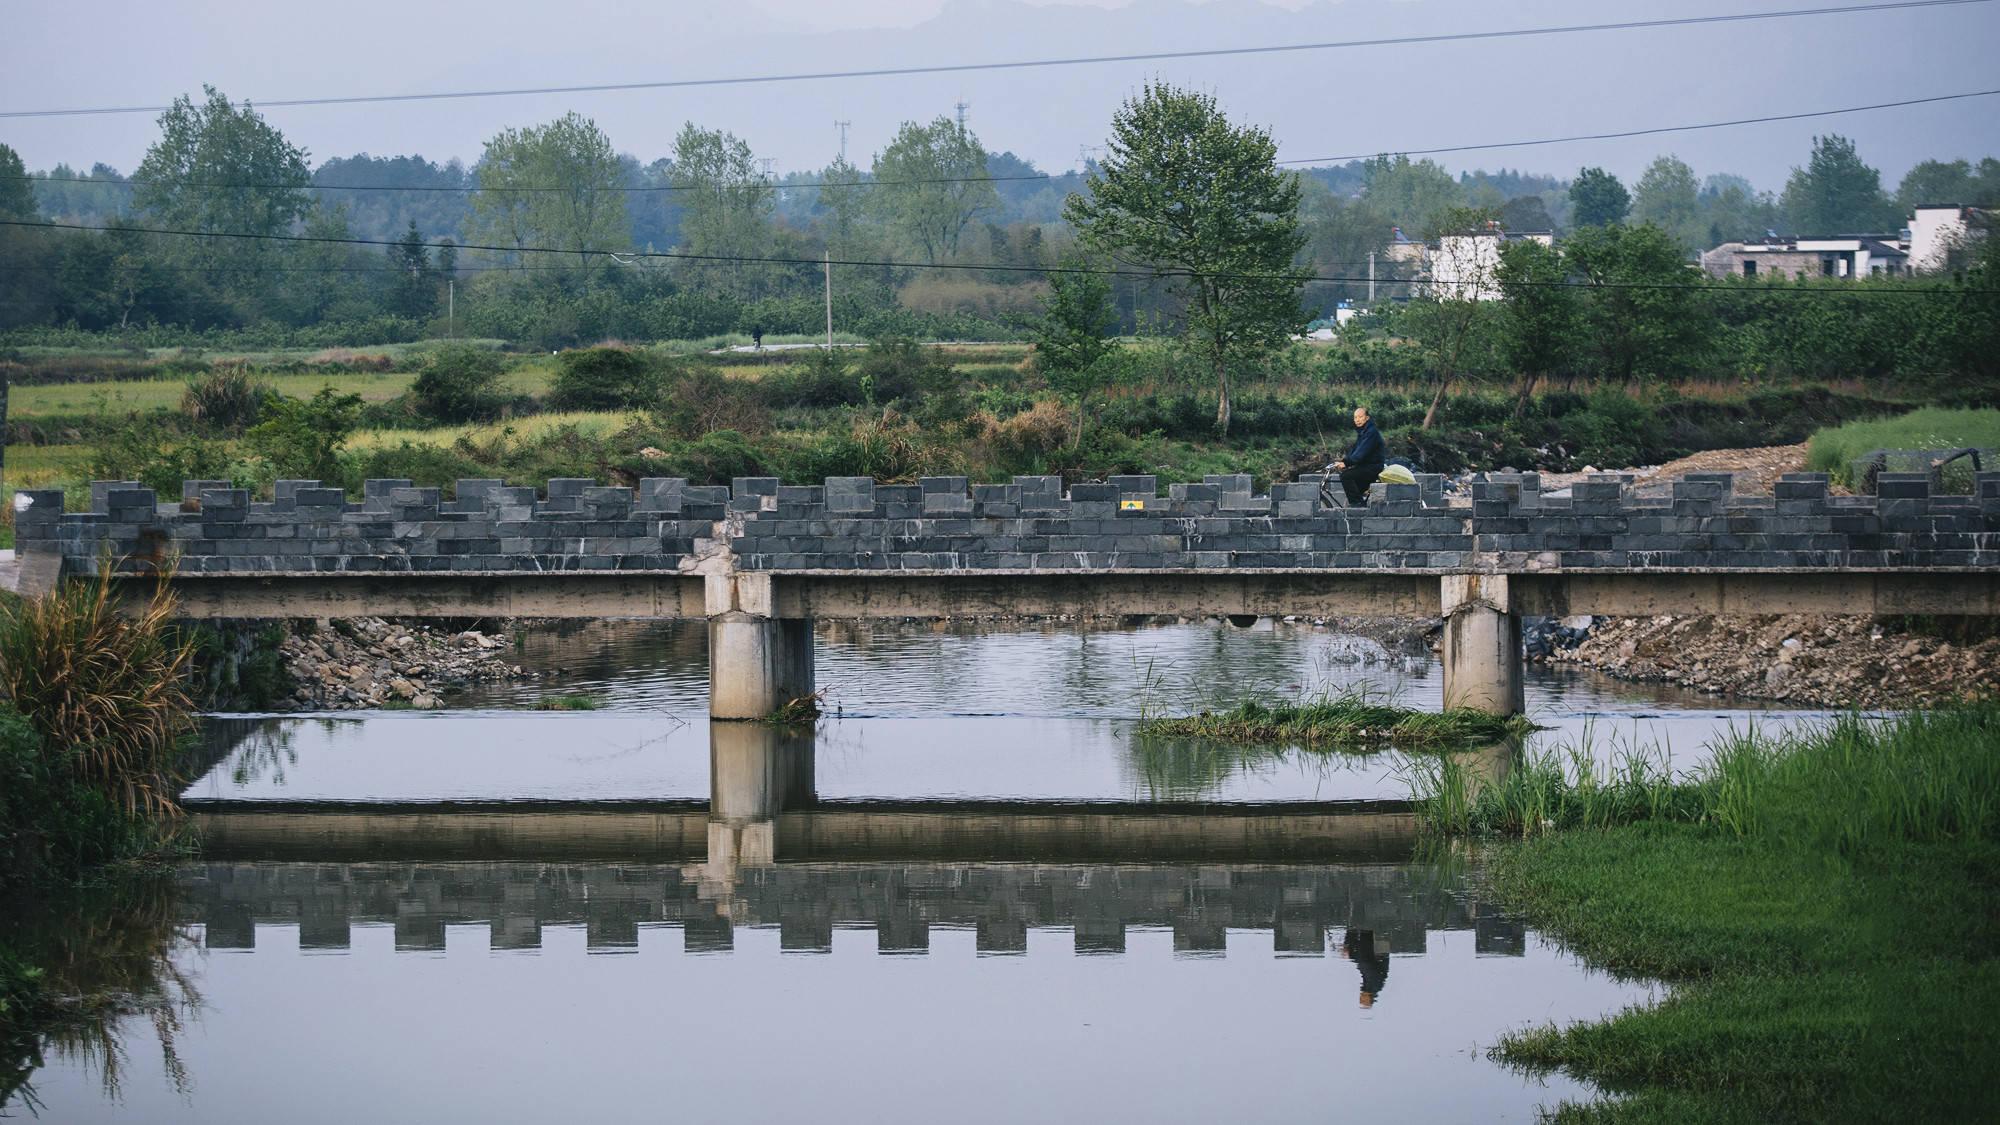 皖南最值得一去的古村落,比西递宏村还漂亮,还是中国著名影视村